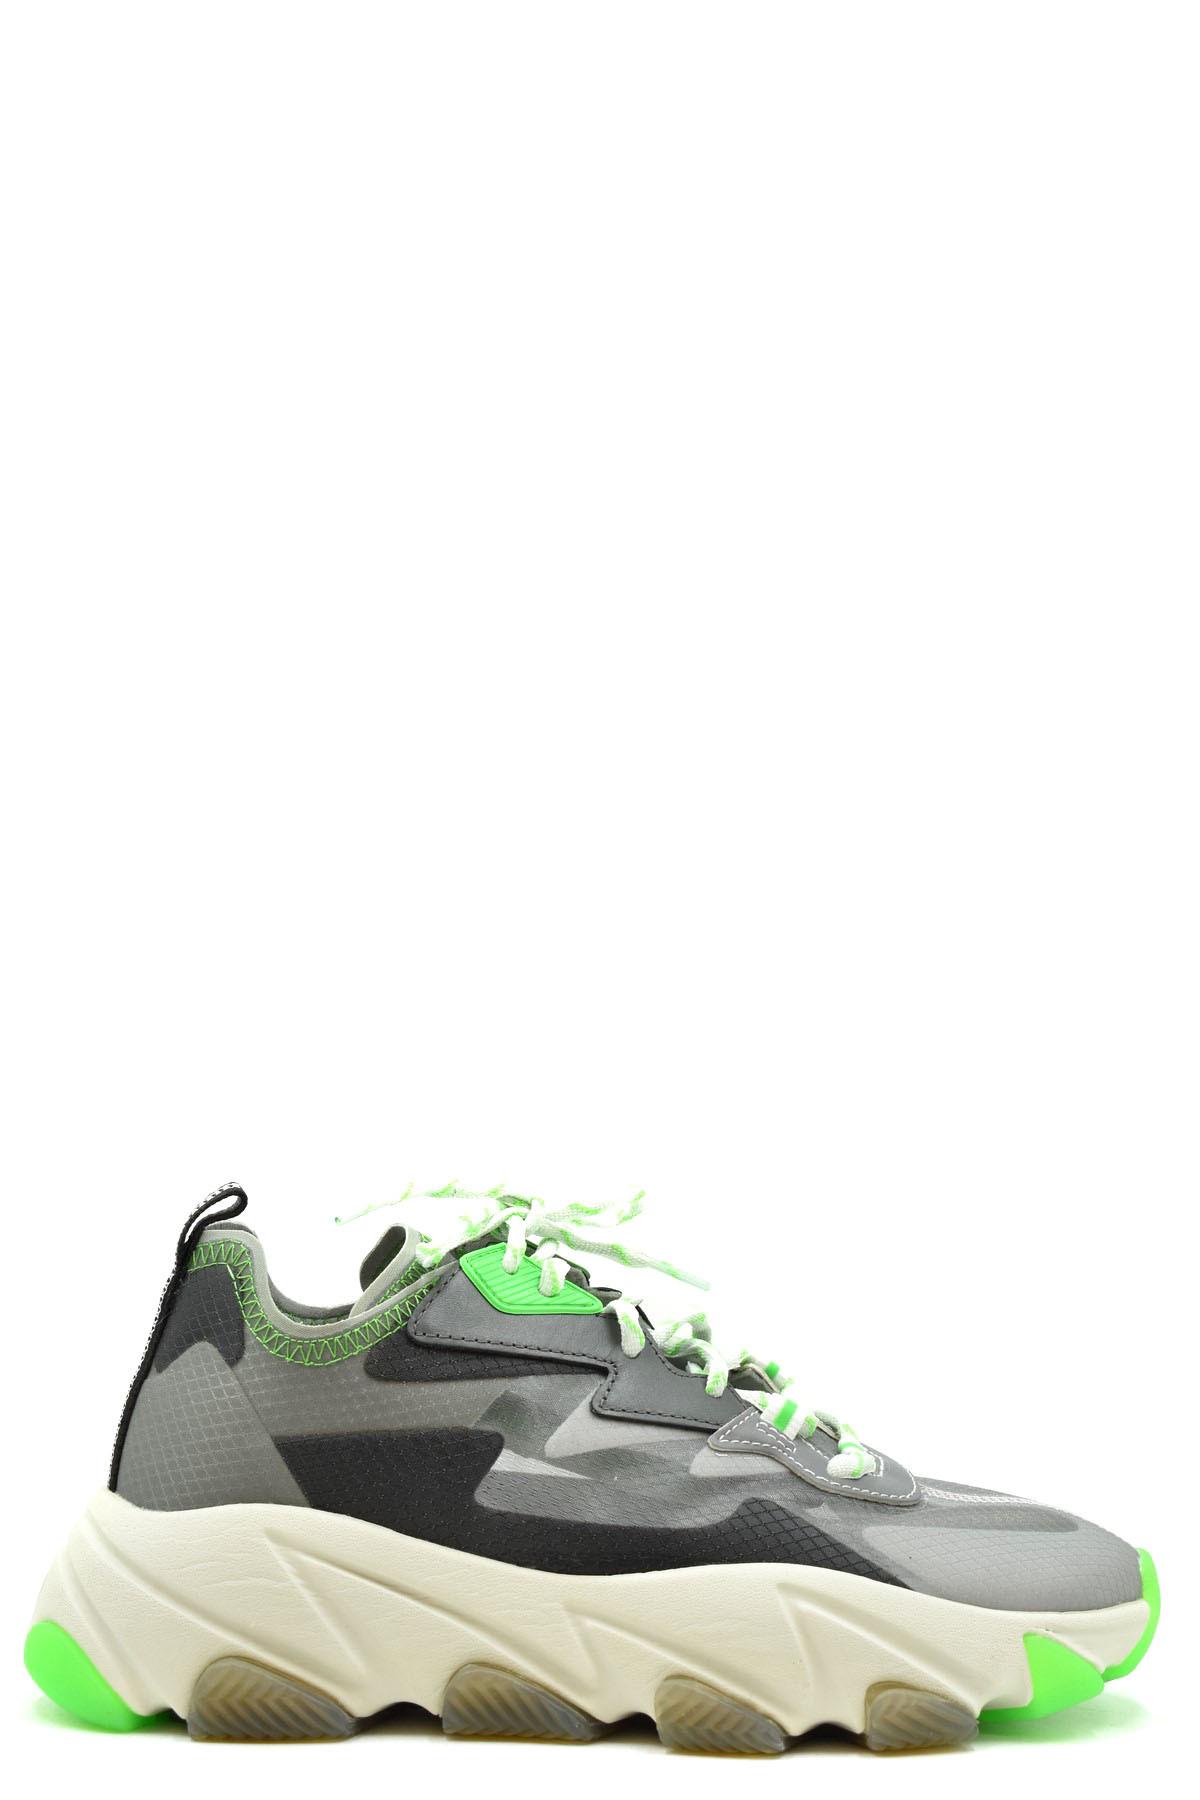 Marchio Ash  Genere Donna Tipologia Sneakers Stagione Autunno/Inverno  DETT…